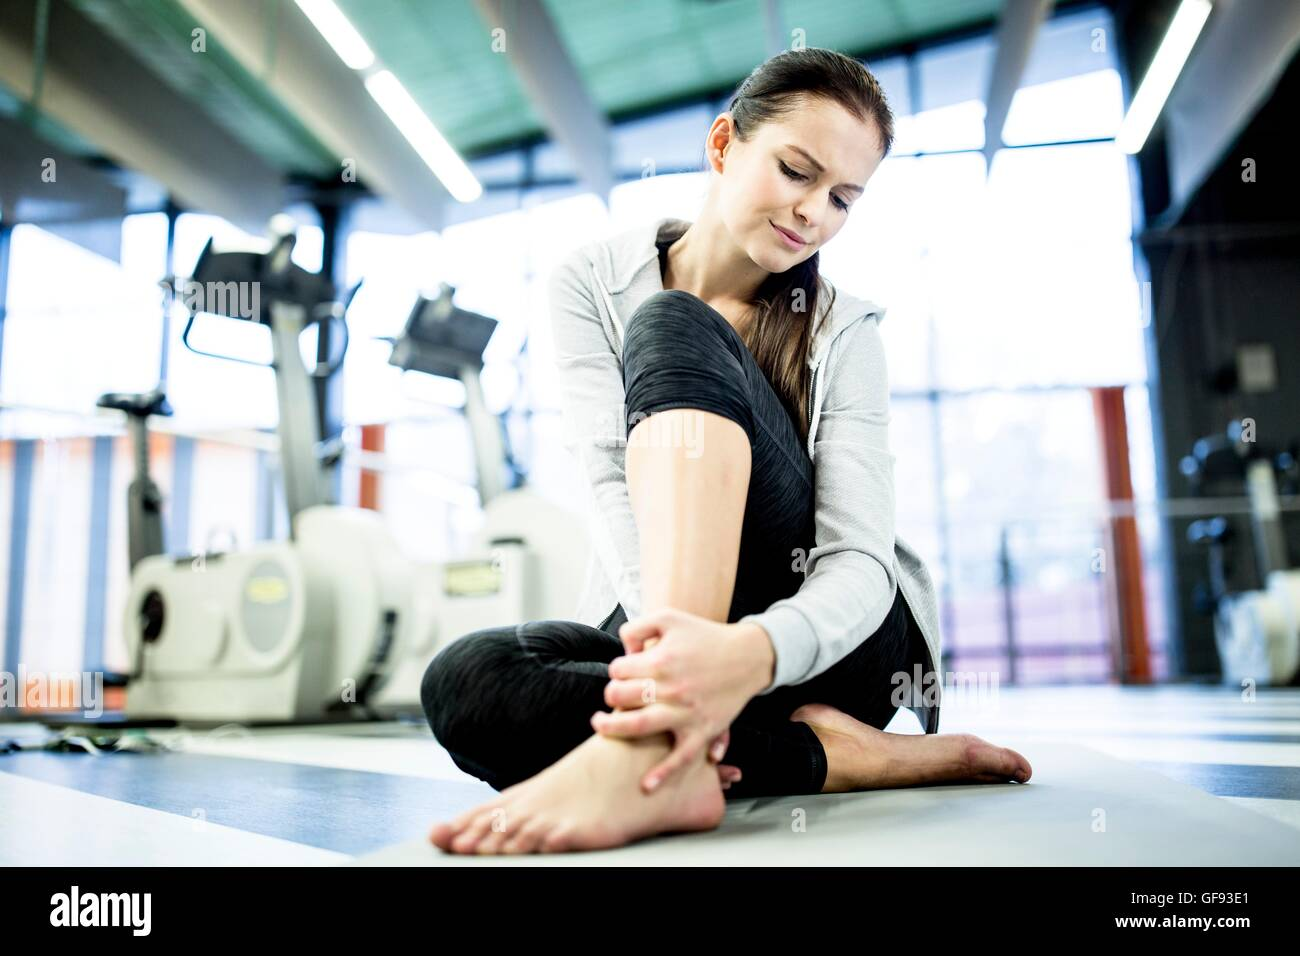 Liberados de la propiedad. Modelo liberado. Mujer joven masajear el tobillo mientras que tener dolor de tobillo Imagen De Stock